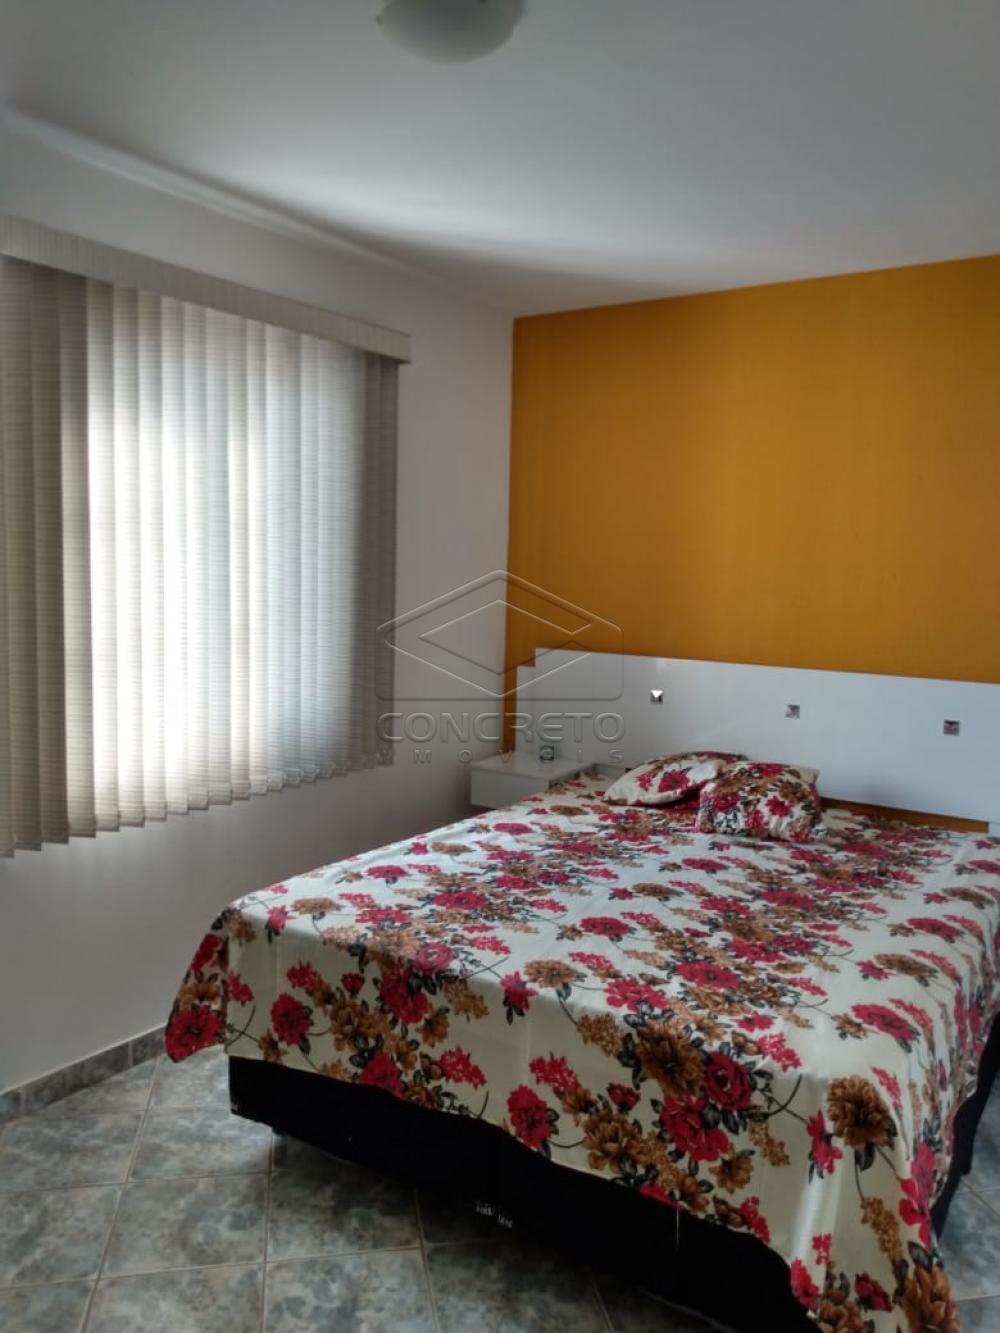 Comprar Apartamento / Padrão em Bauru R$ 220.000,00 - Foto 11